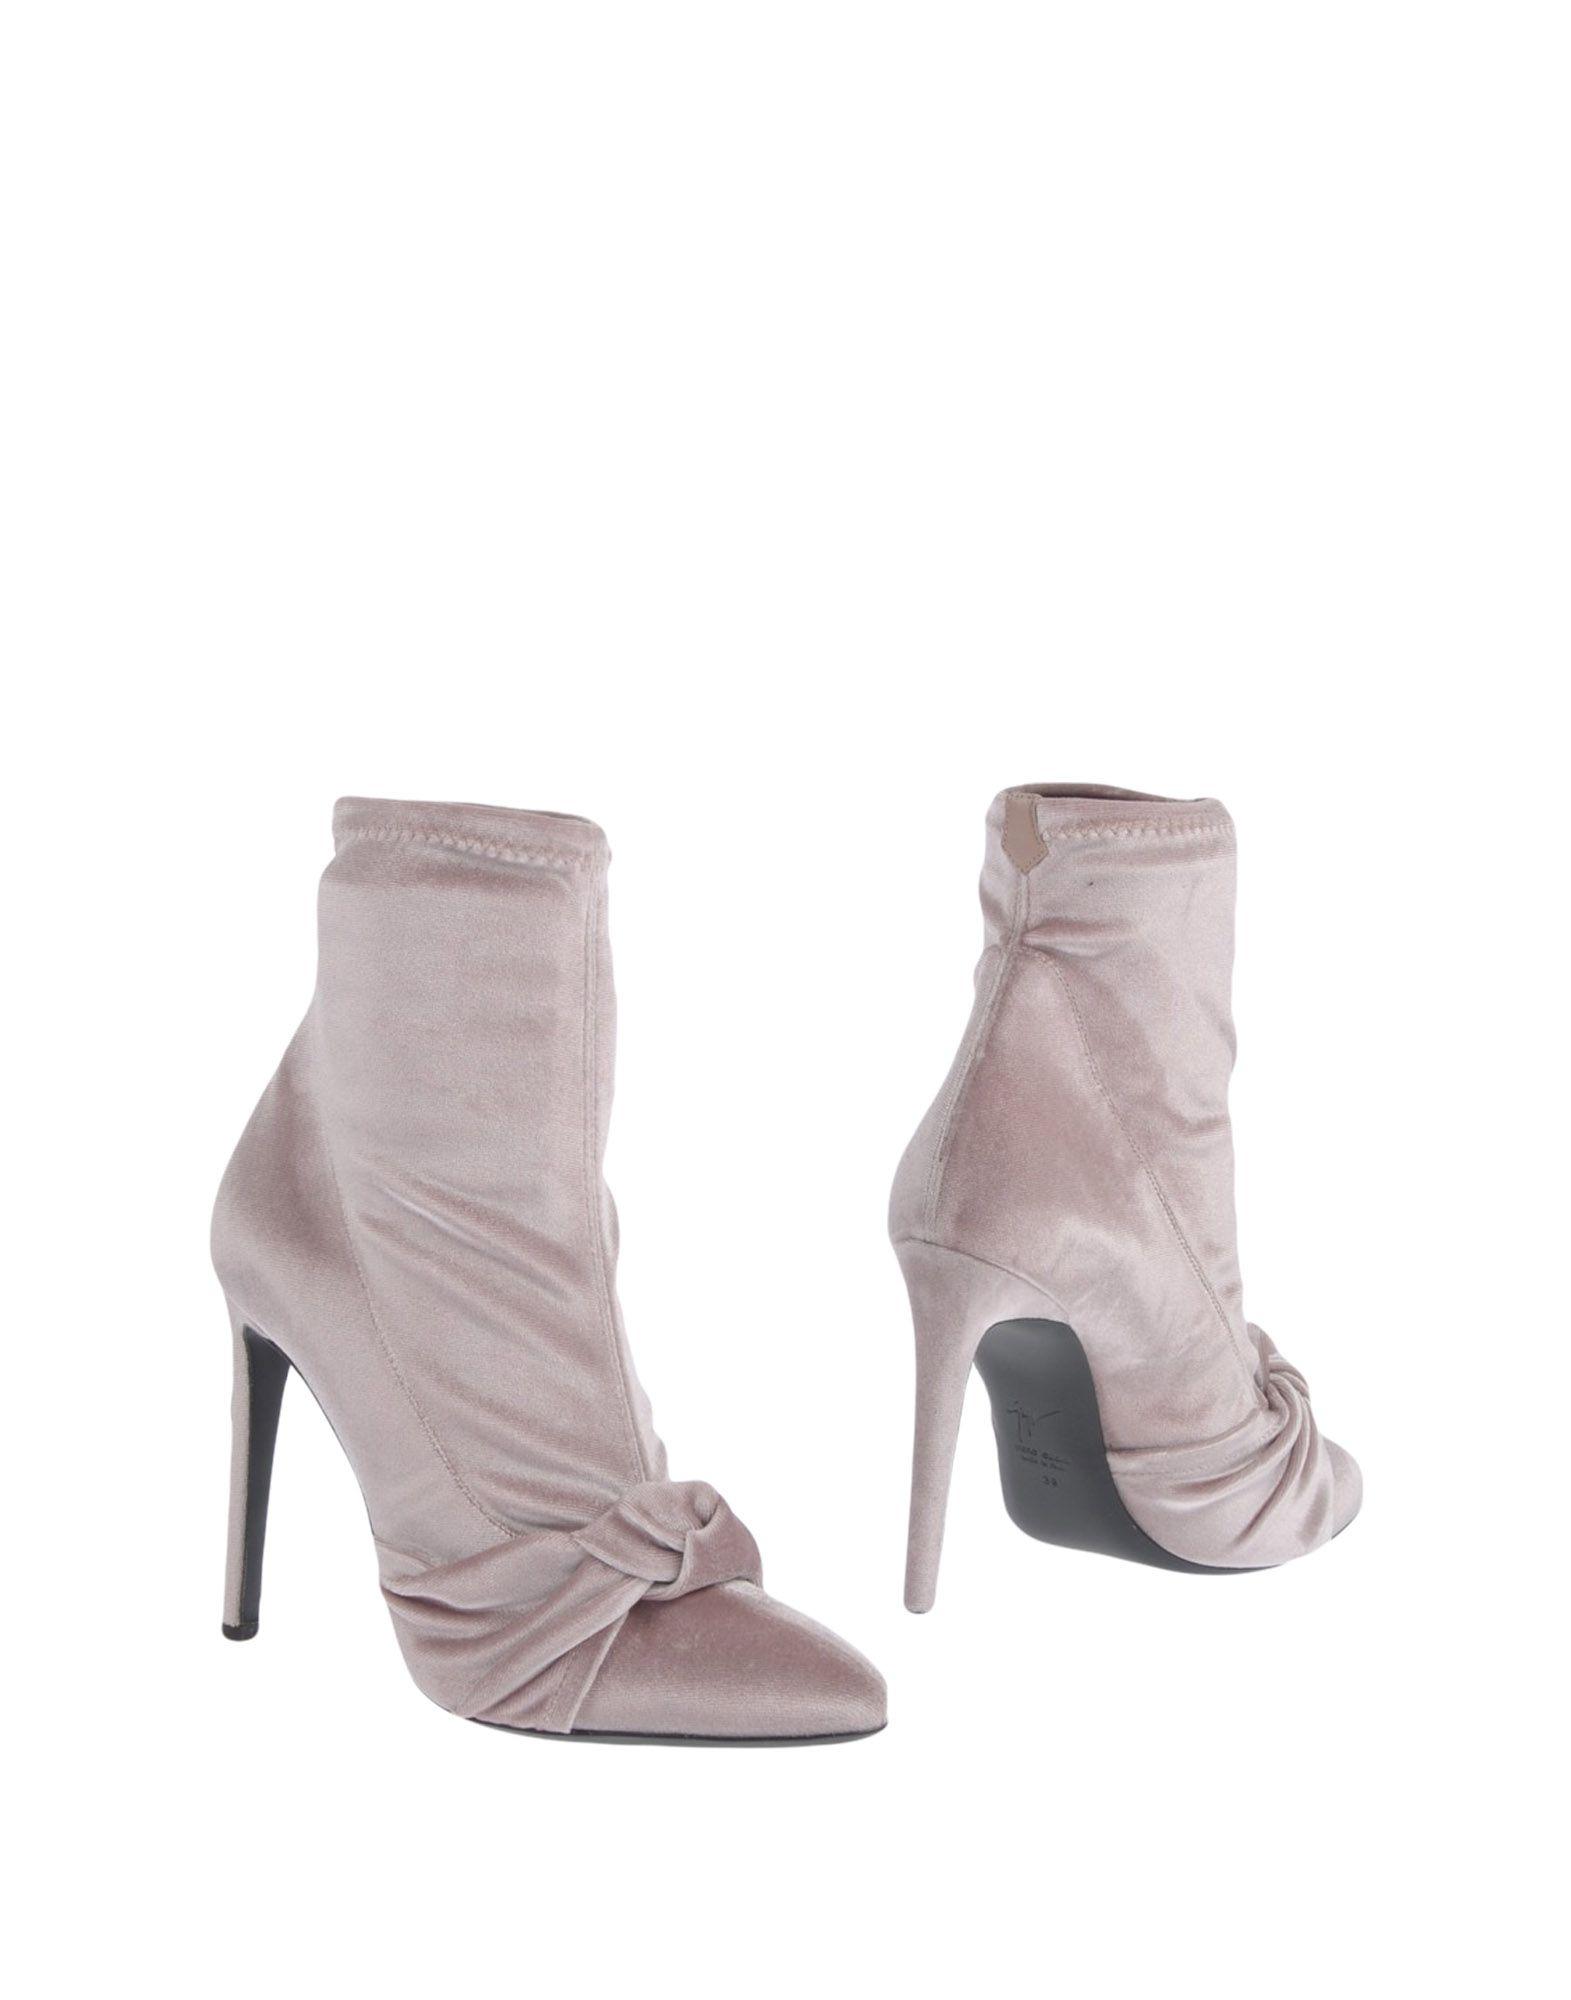 Giuseppe Zanotti Stiefelette Damen  11446018SJGünstige gut aussehende Schuhe